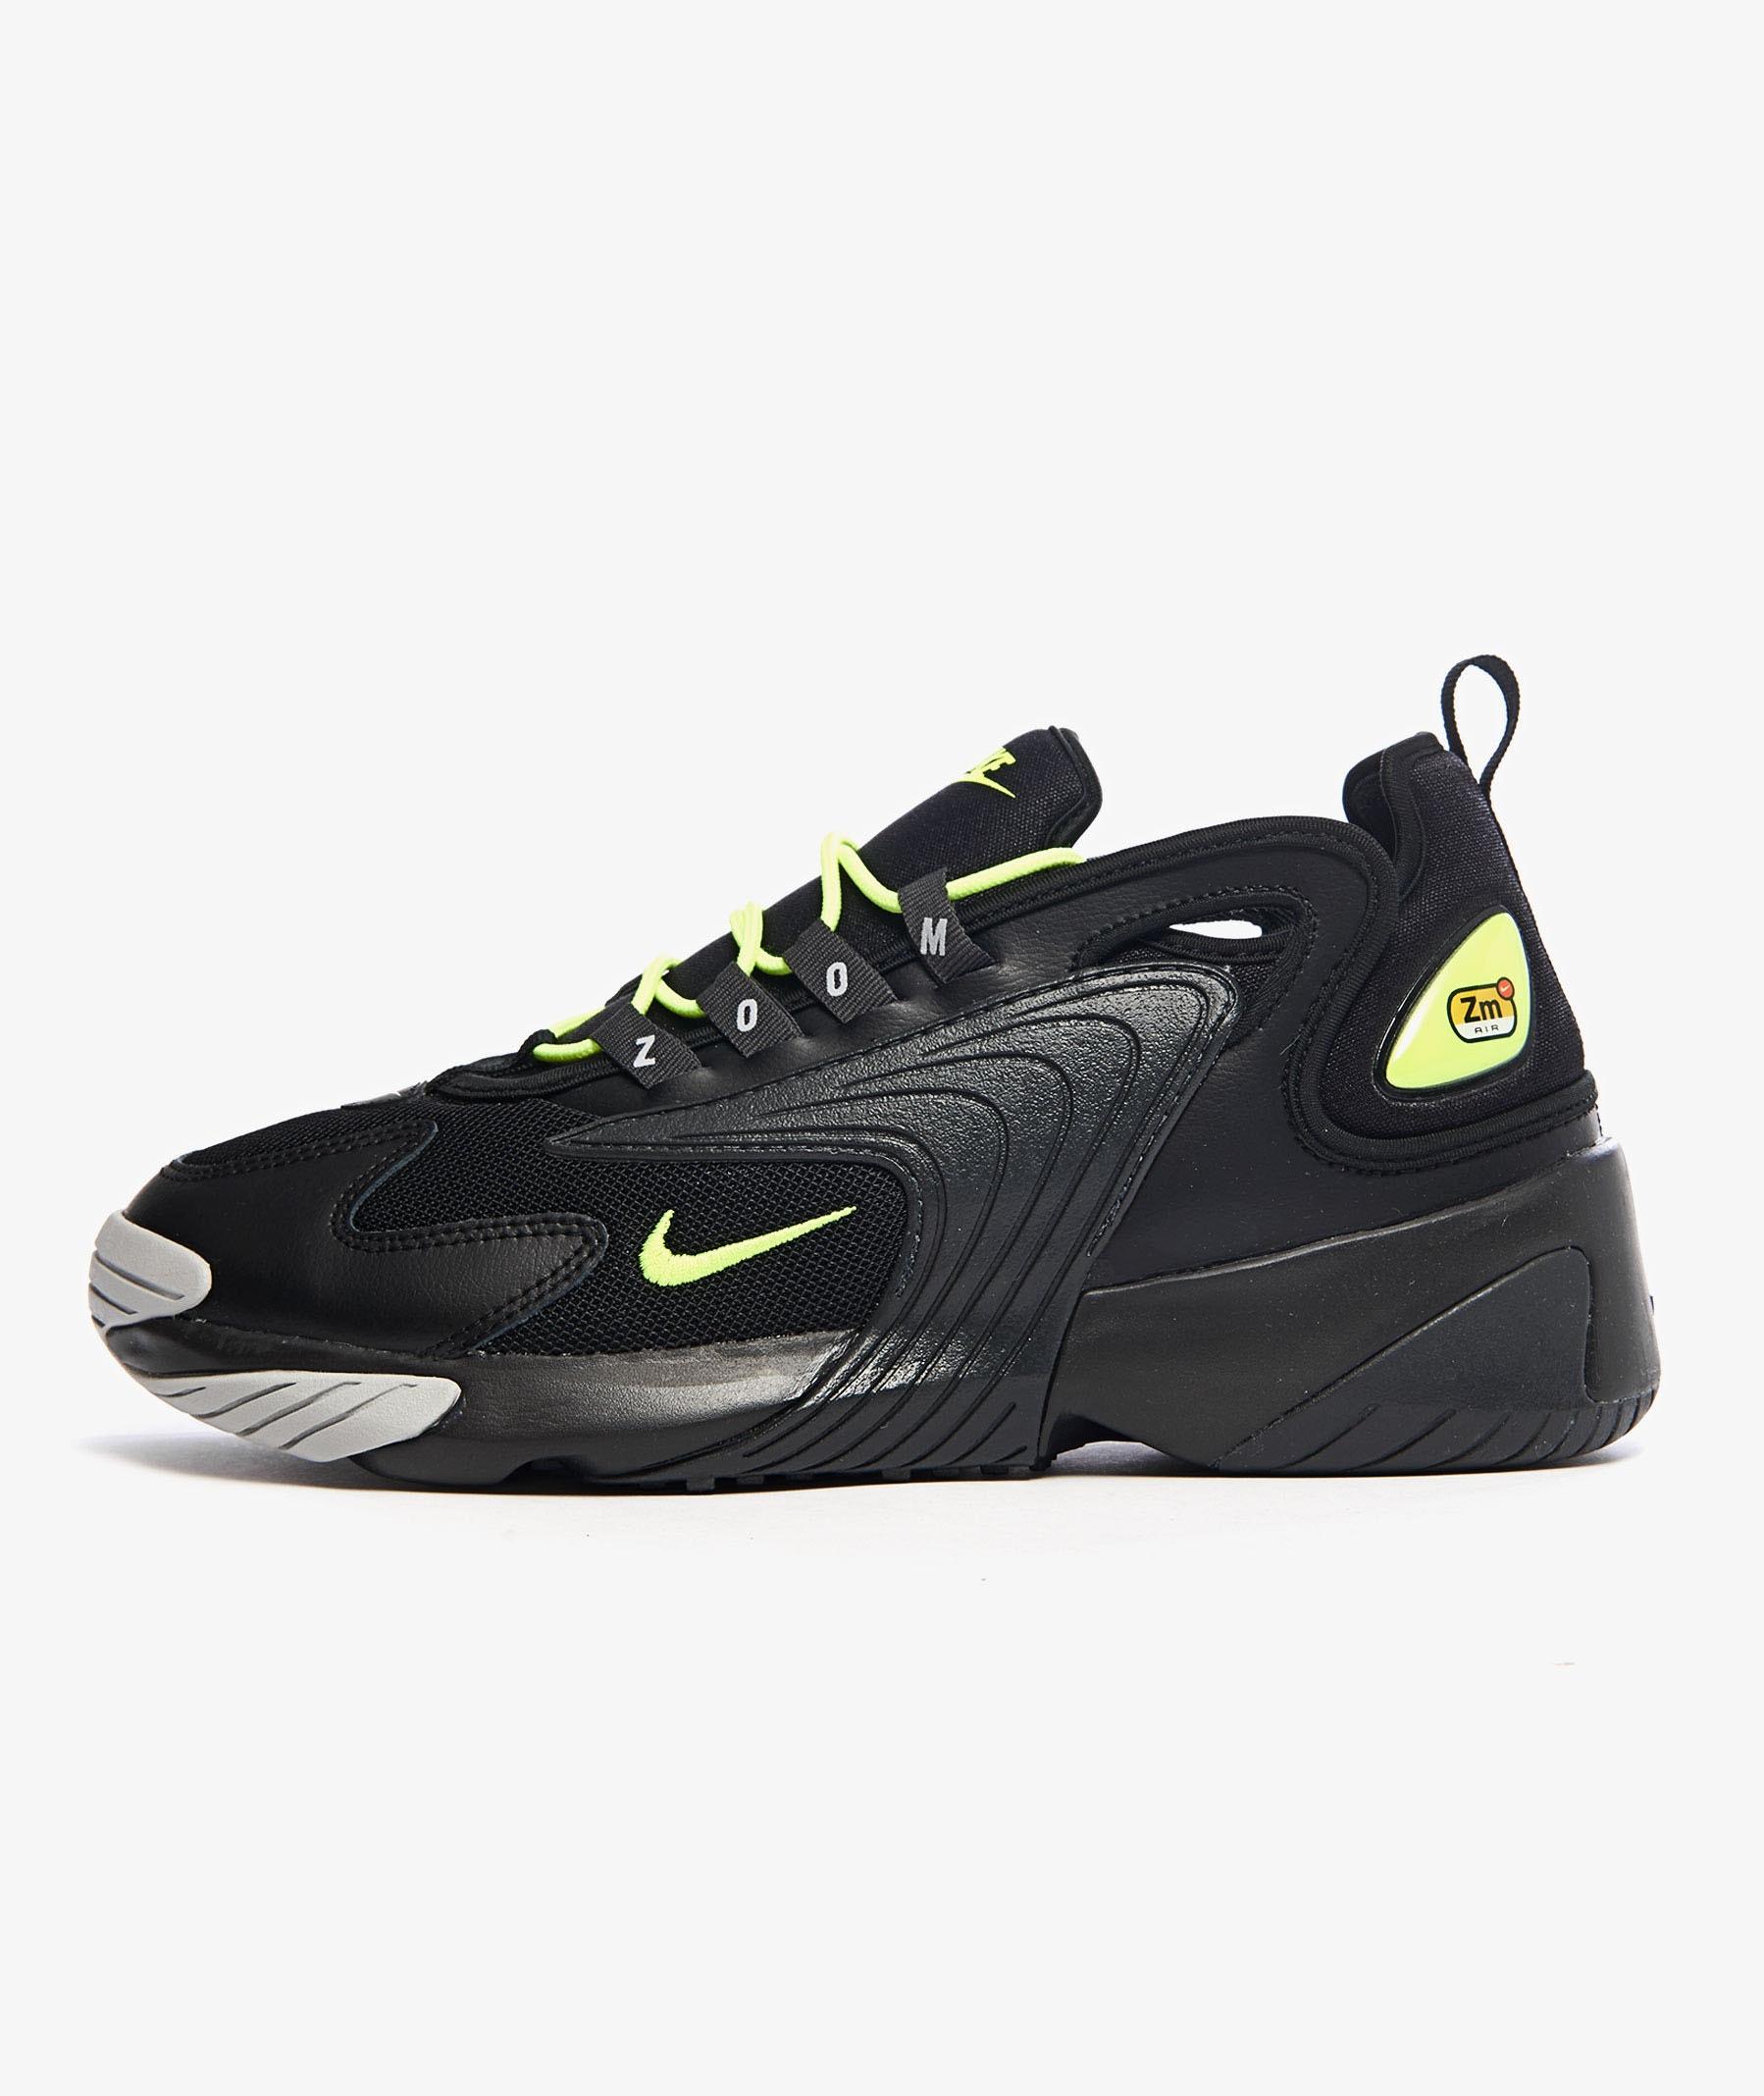 נעליים נייק לגברים Nike ZOOM 2K - שחור